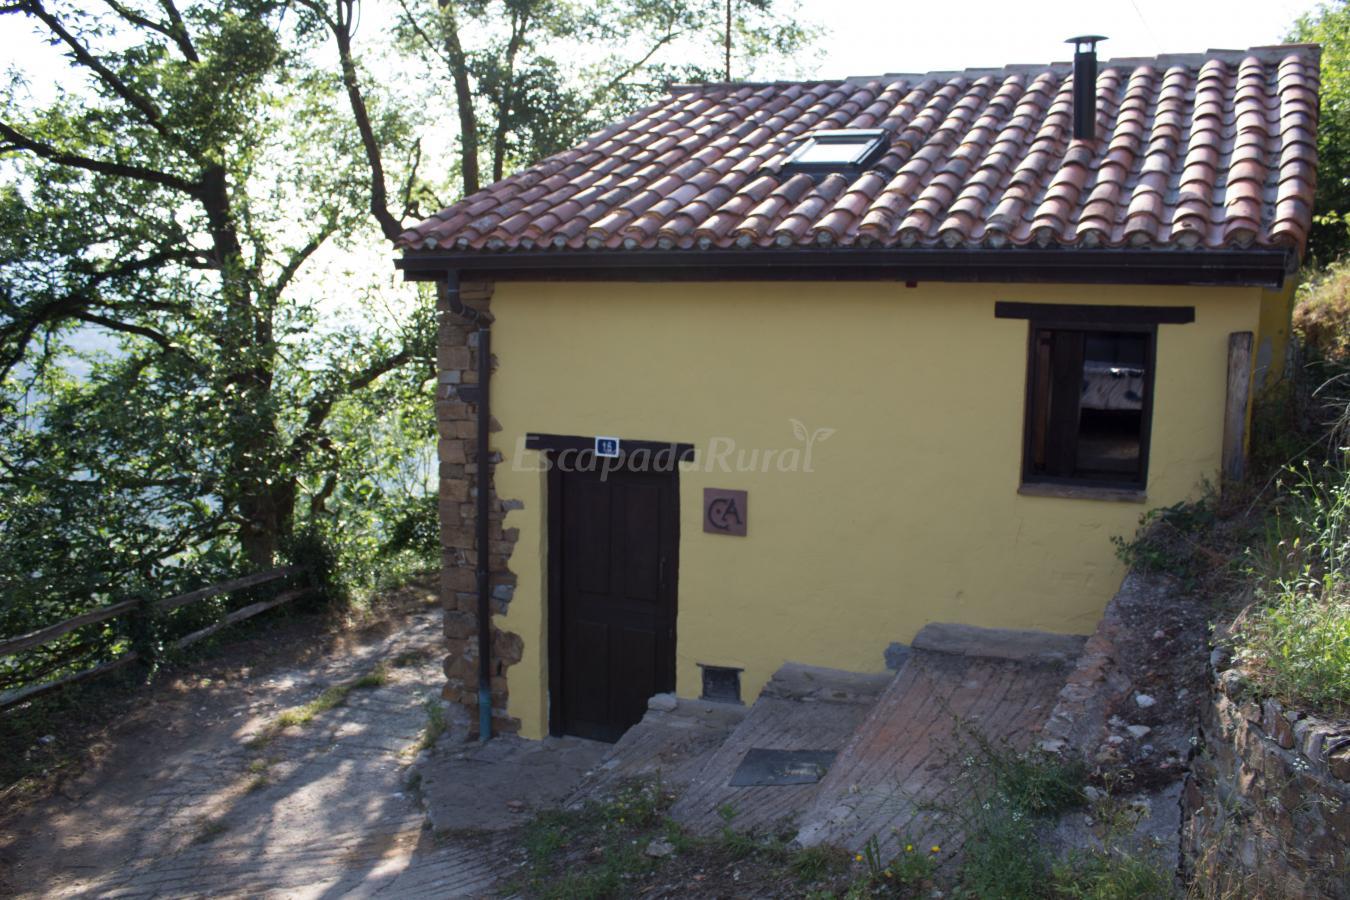 Fotos de casas de aldea la vallicuerra casa rural en mieres asturias - Casas de aldea asturias ...